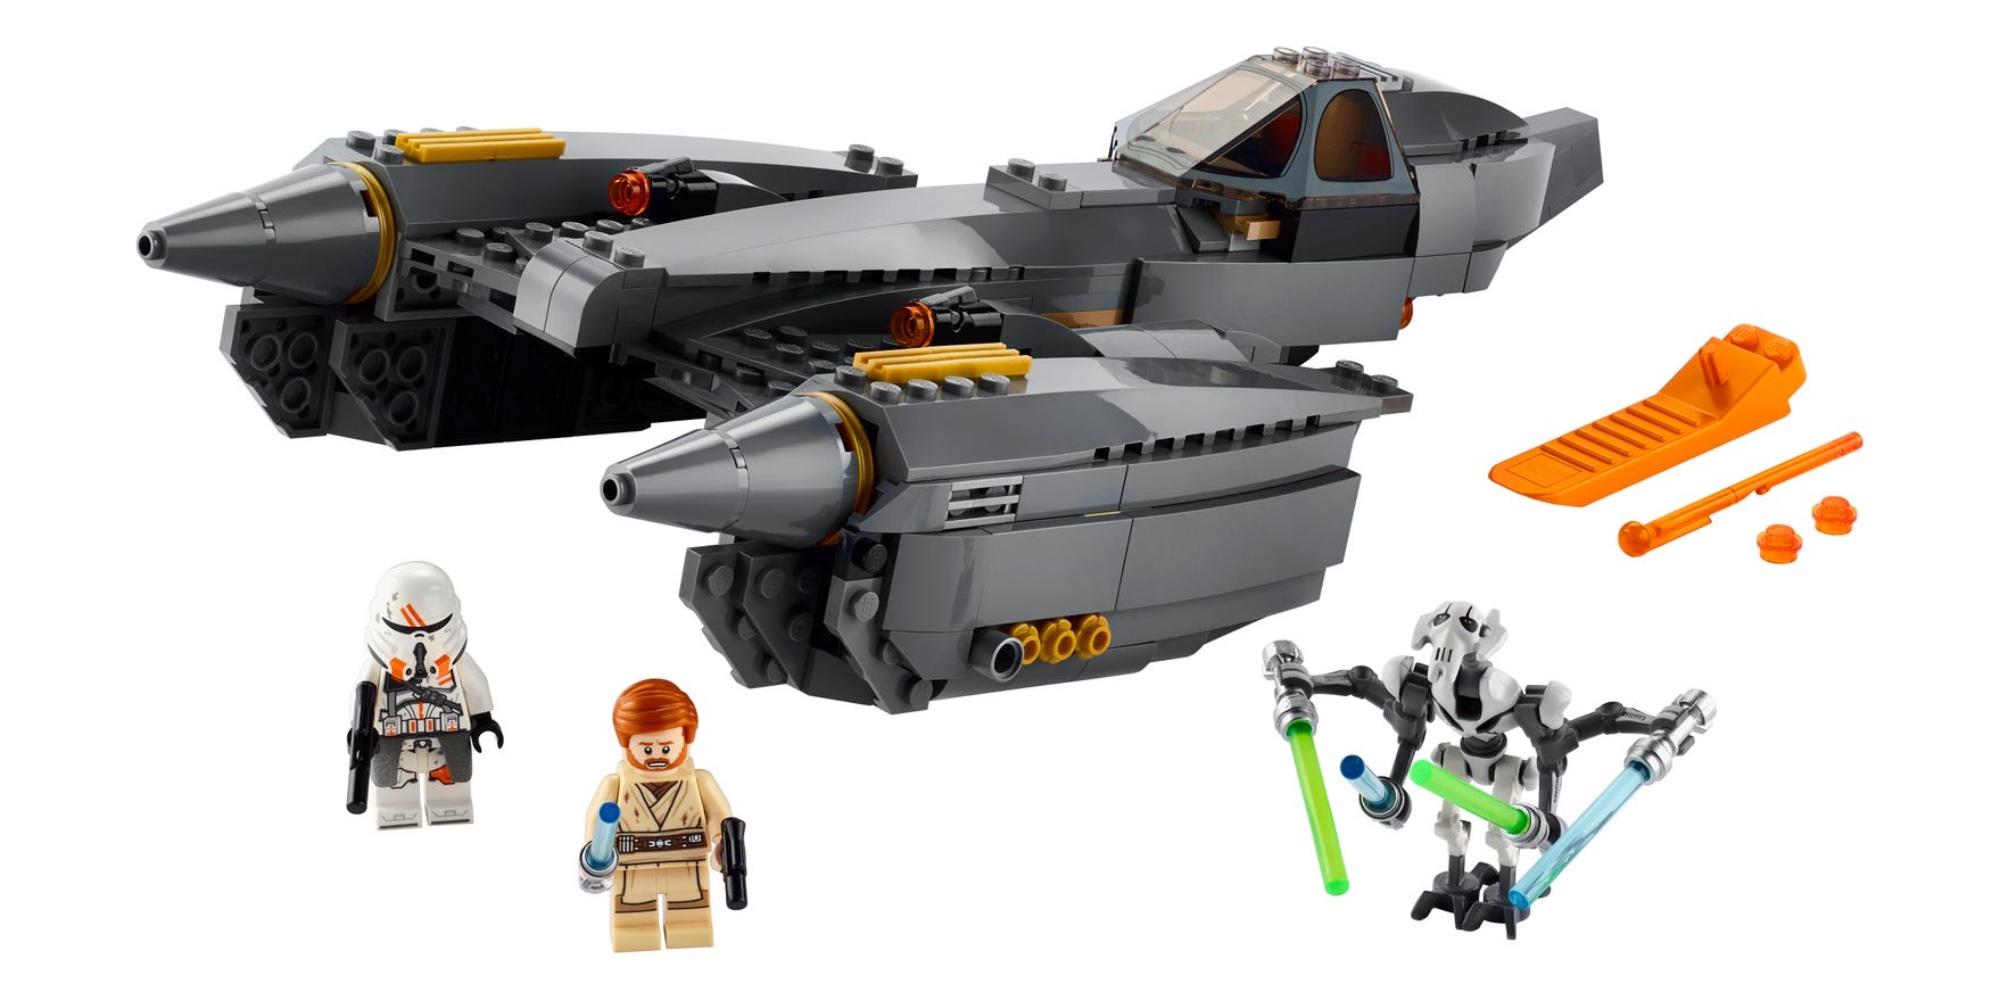 LEGO Star Wars fall